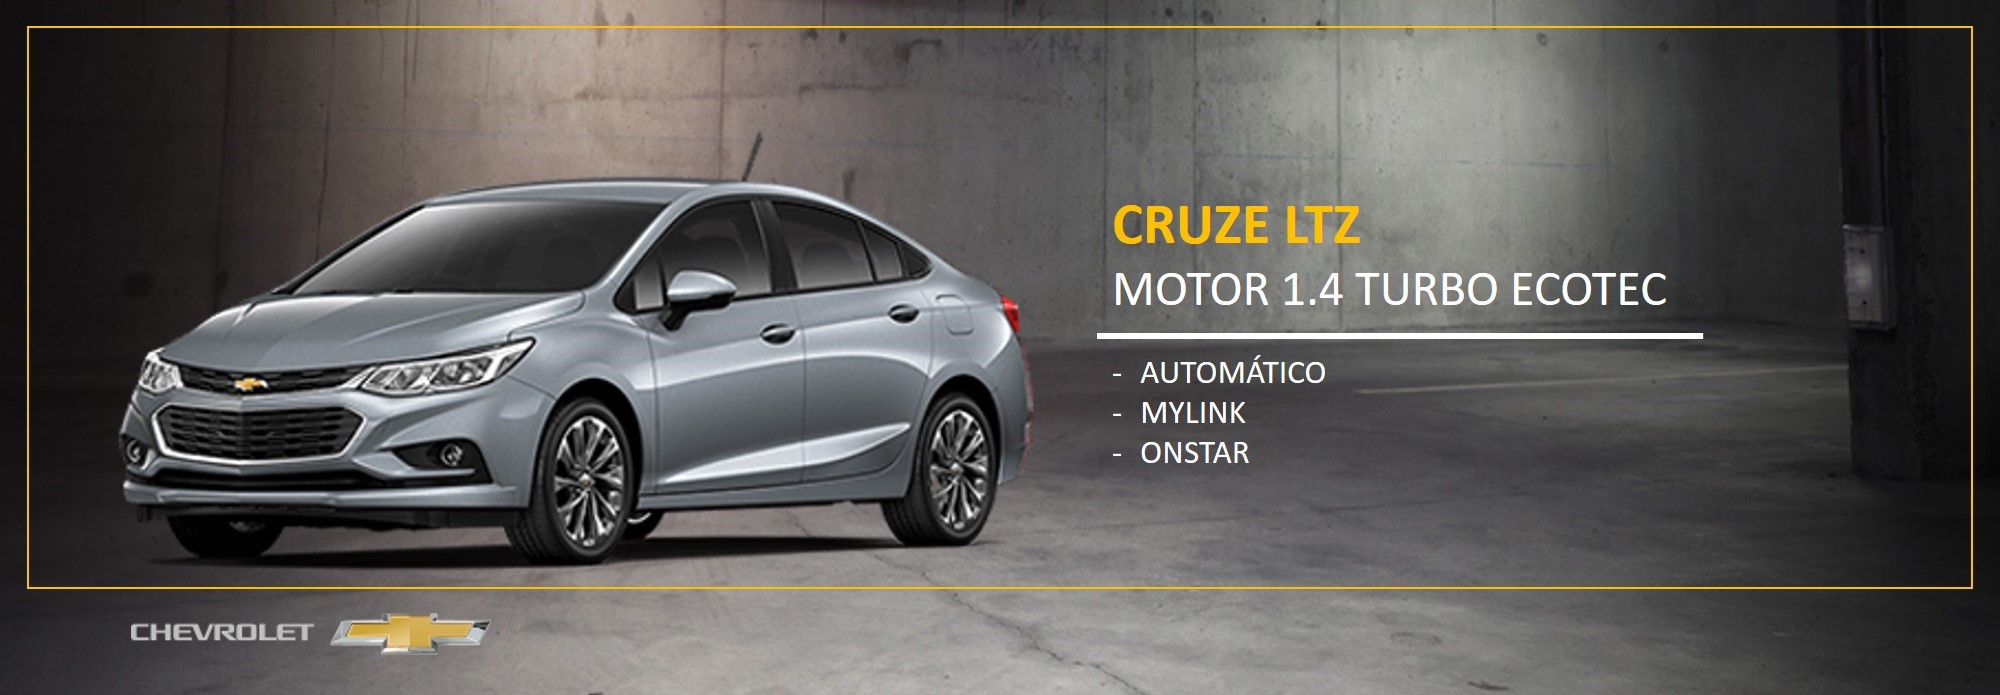 Cruze LTZ 2019